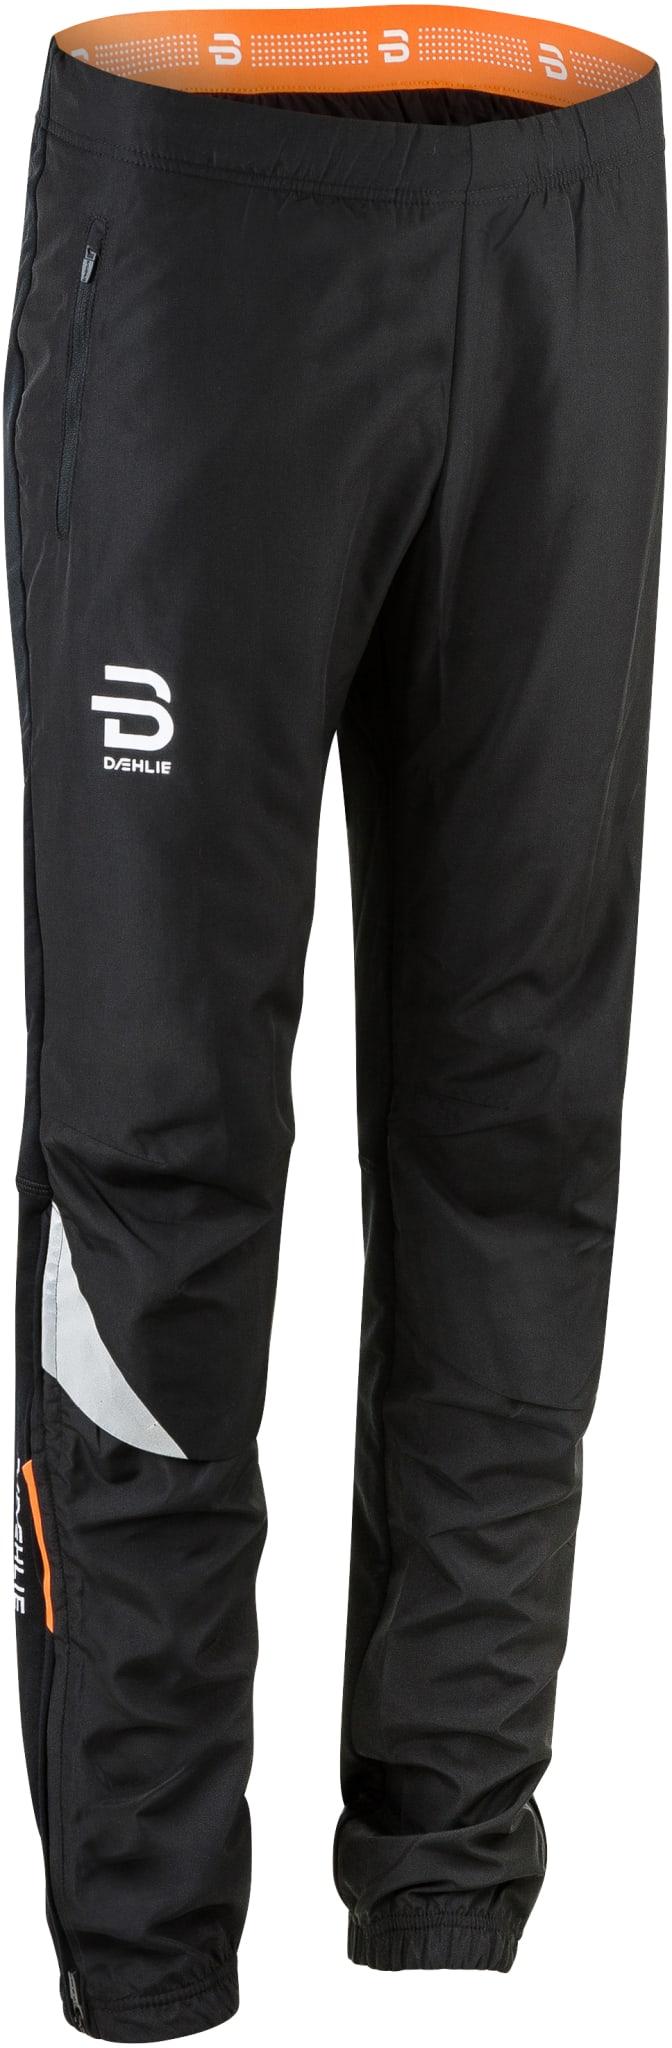 Pants Winner 3.0 W